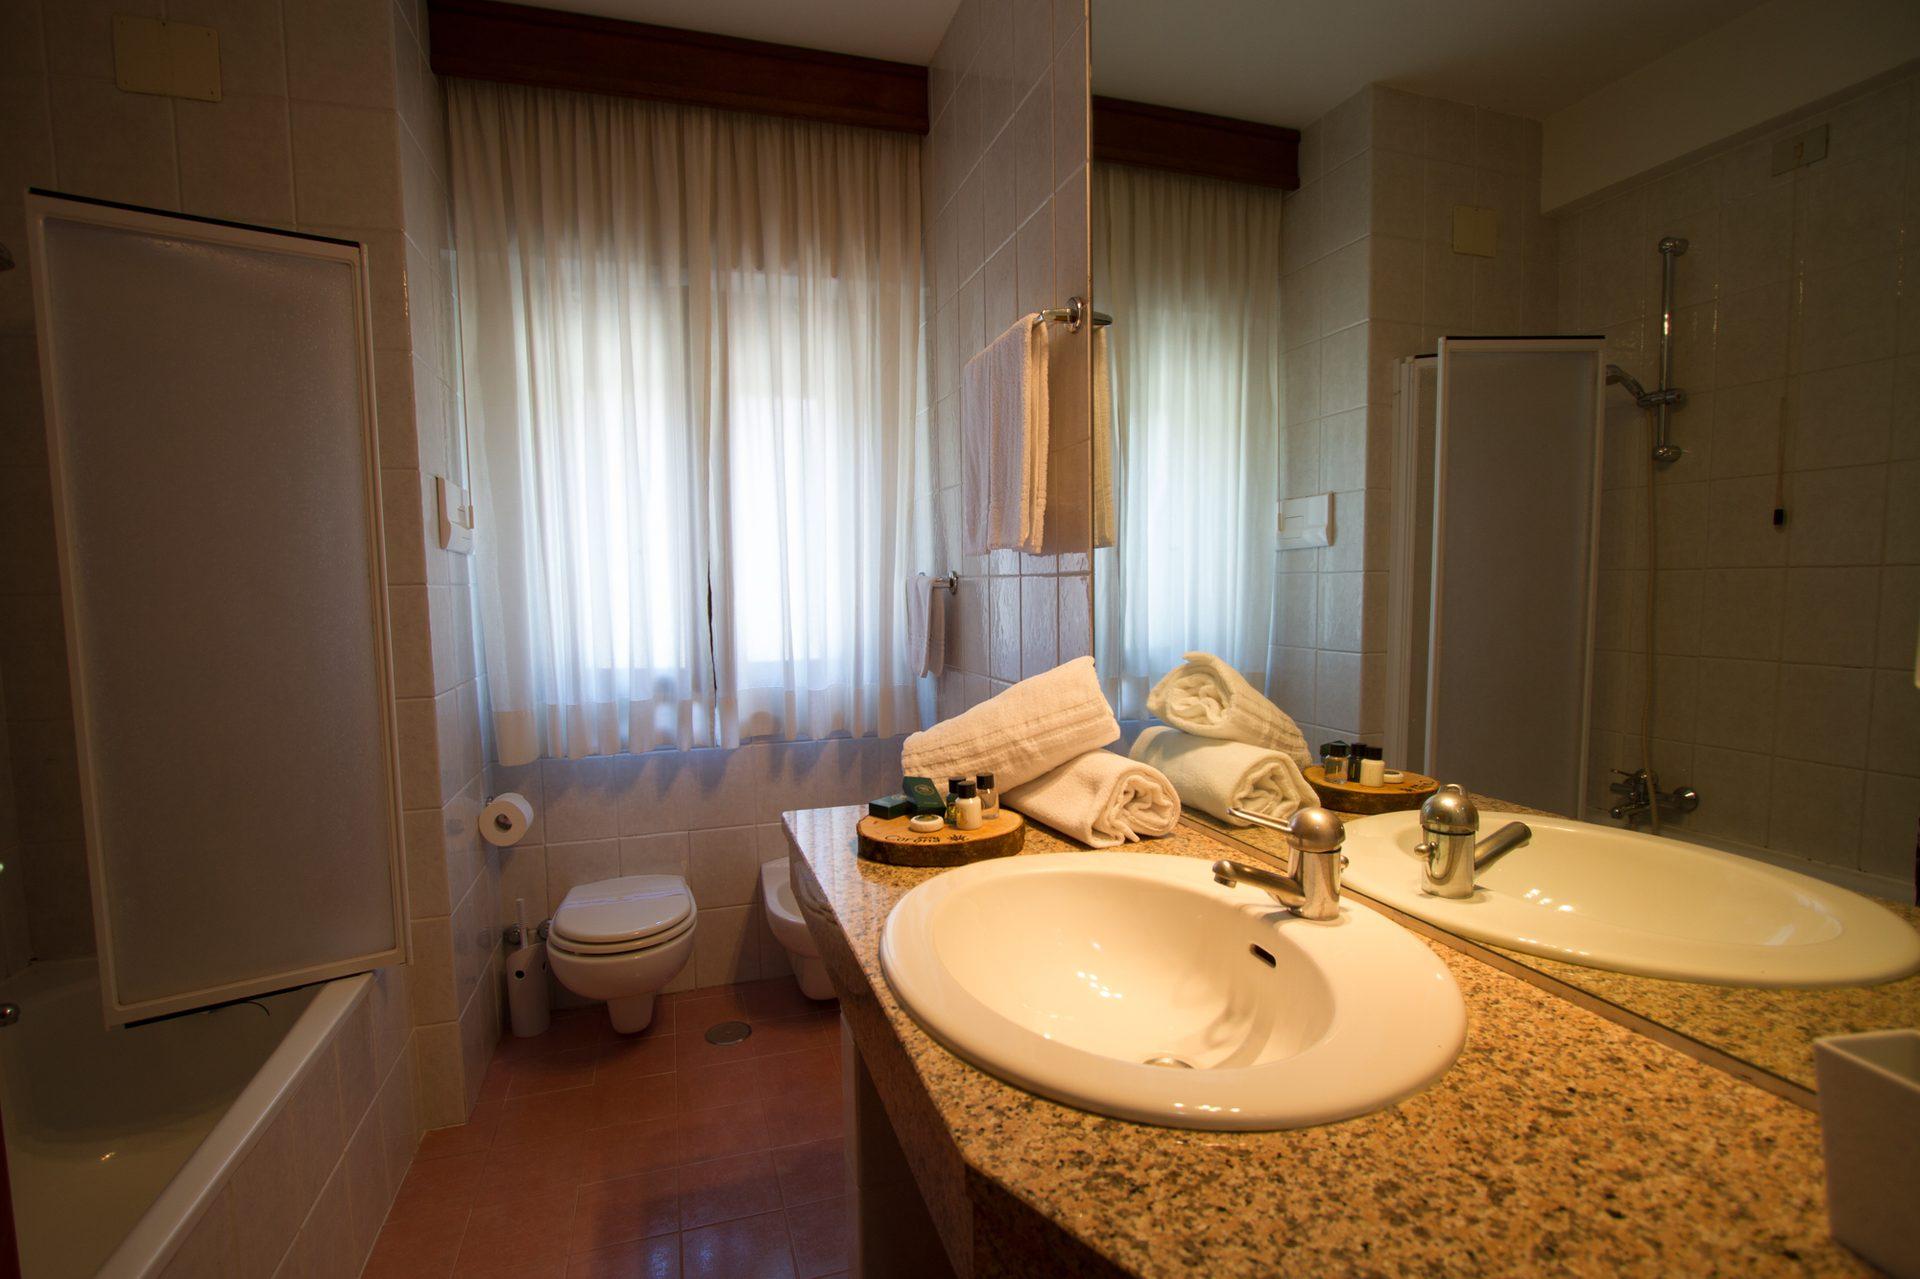 Camere Pescasseroli : Hotel corona spa abruzzo pescasseroli aquila concetta